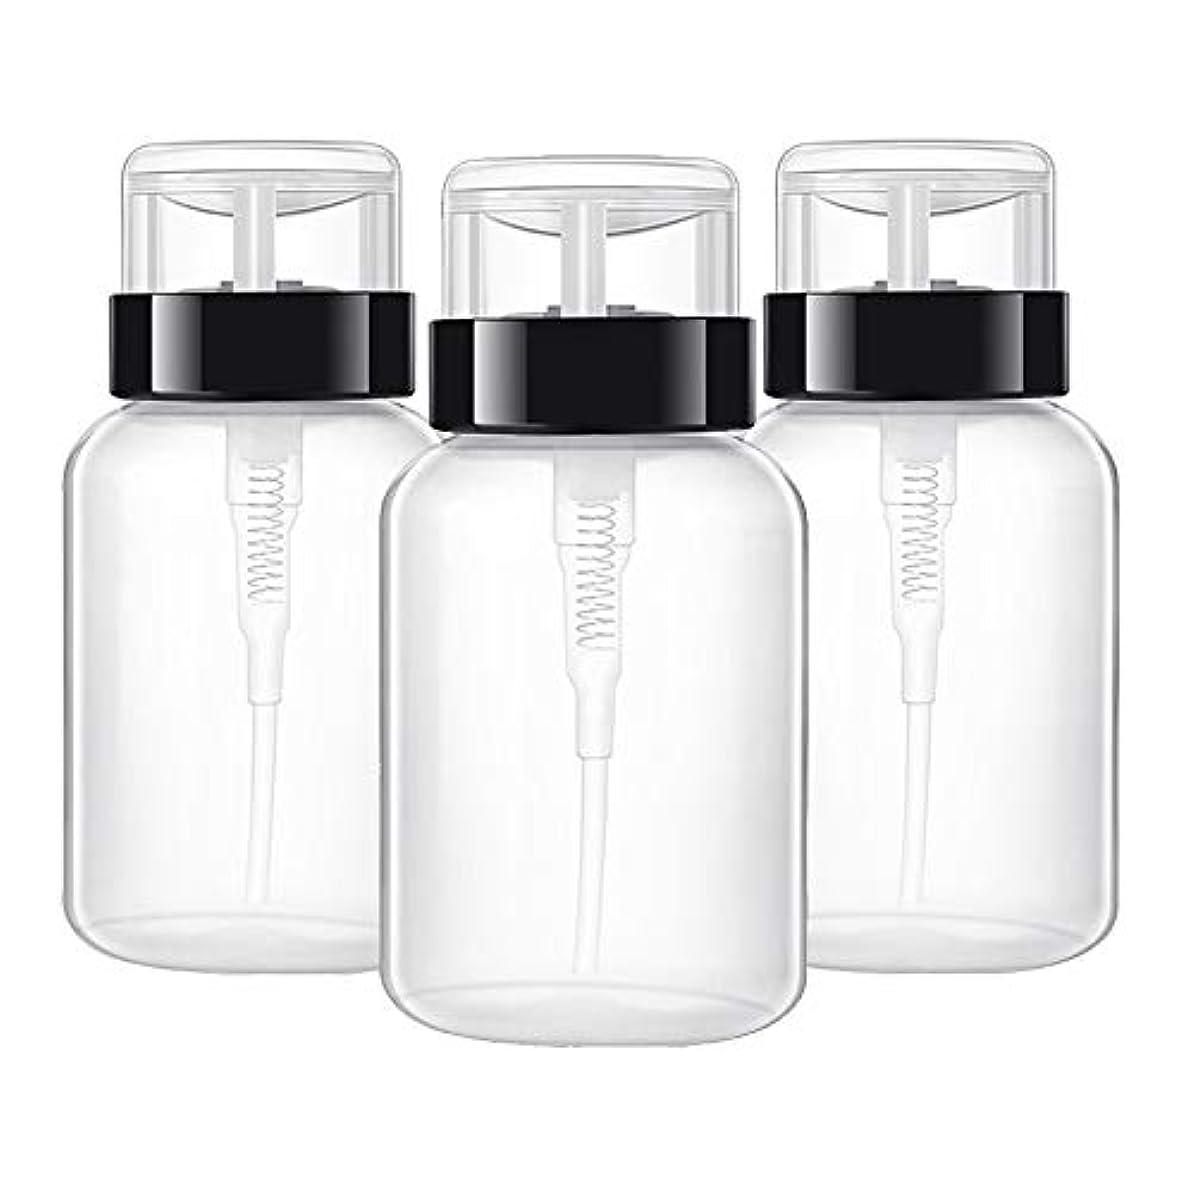 不規則なかき混ぜる年金受給者マニキュアツールツール 空ポンプ ボトル ネイルクリーナーボトル ポンプディスペンサー ジェルクリーナー 200ミリリットル 3ピース